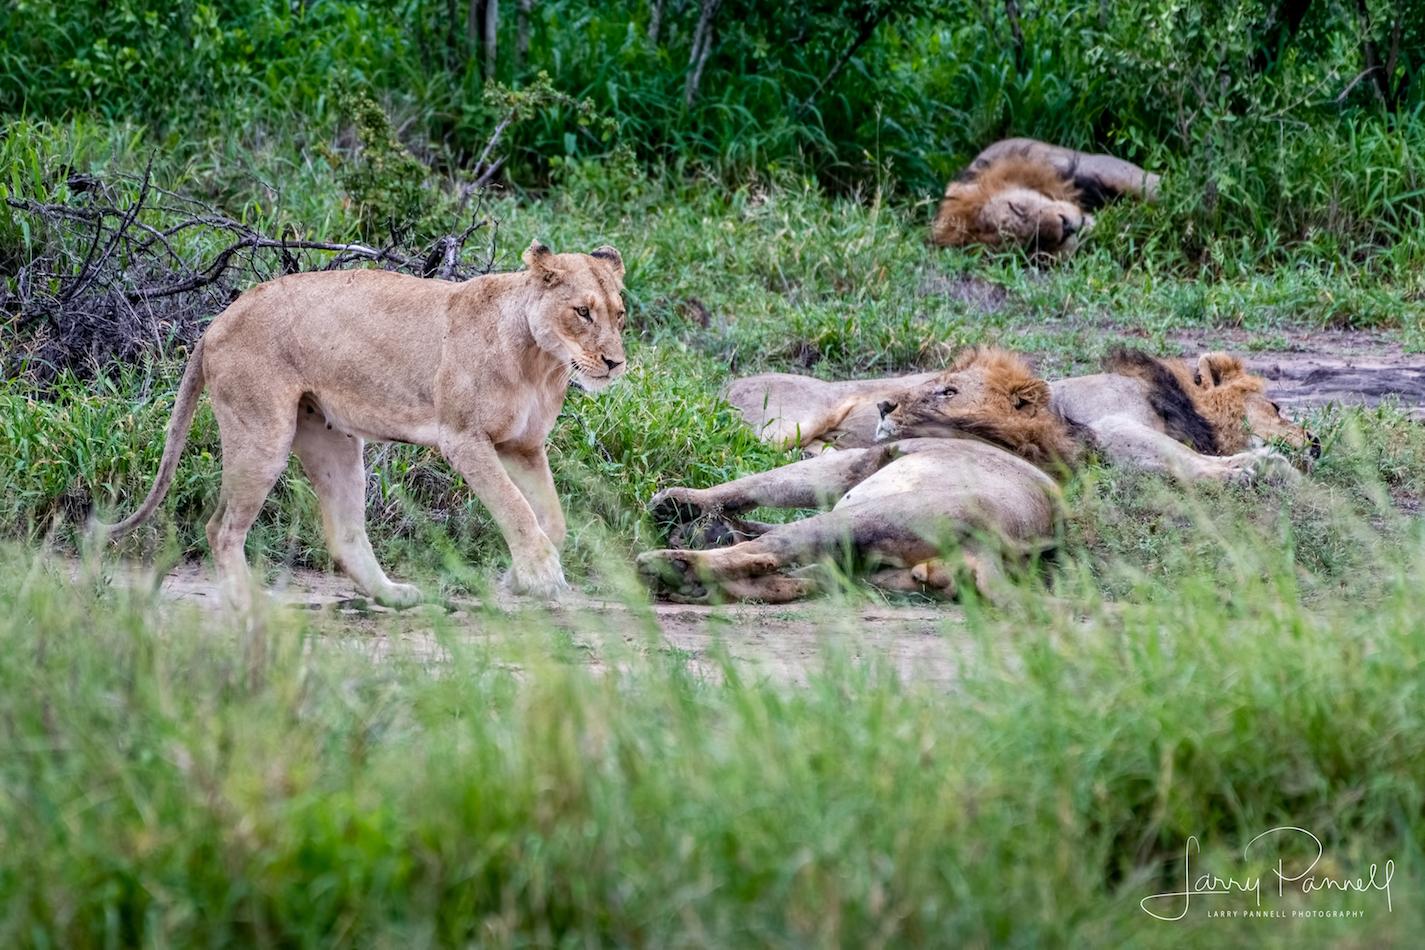 lion_limp_kruger1 copy